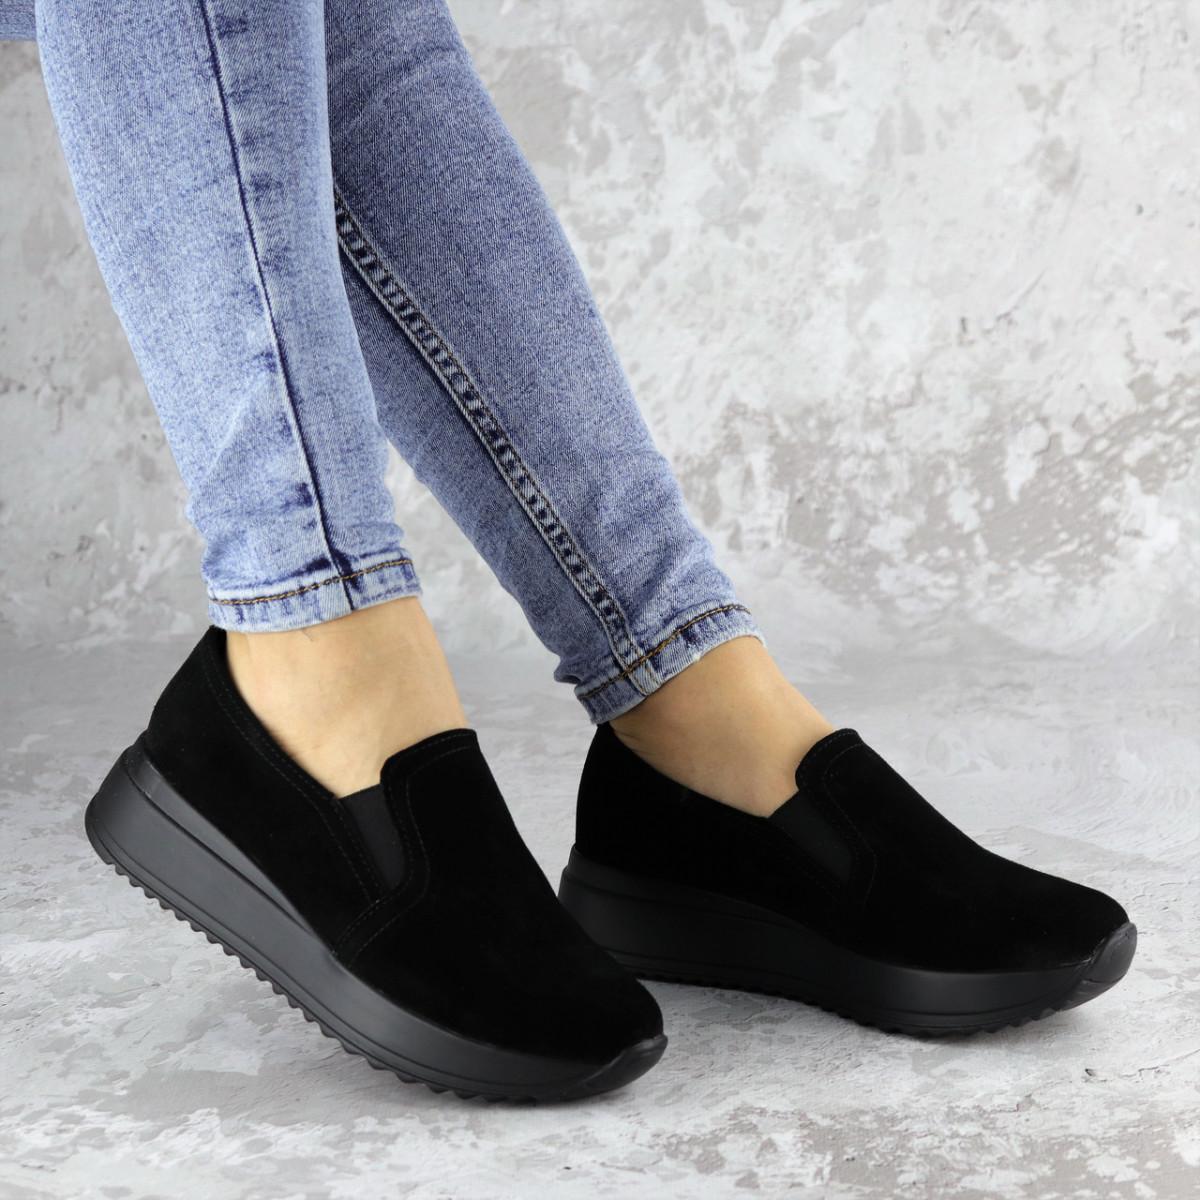 Туфли женские натуральные черные Dare 2204 (36 размер)